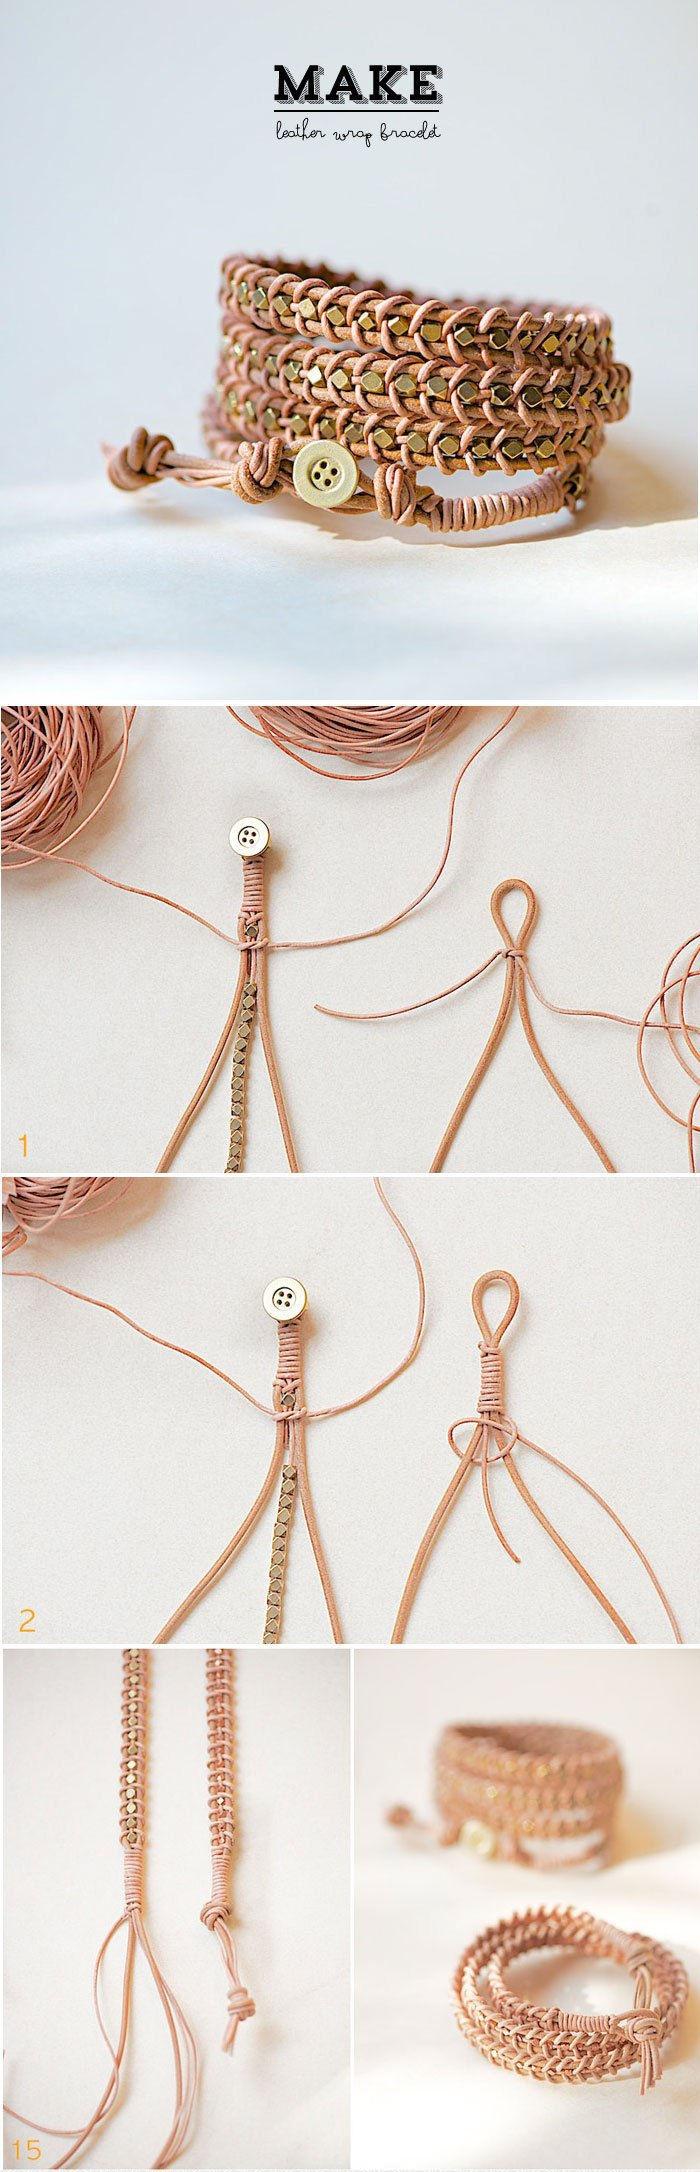 diy leather wrap bracelet diy crafts. Black Bedroom Furniture Sets. Home Design Ideas